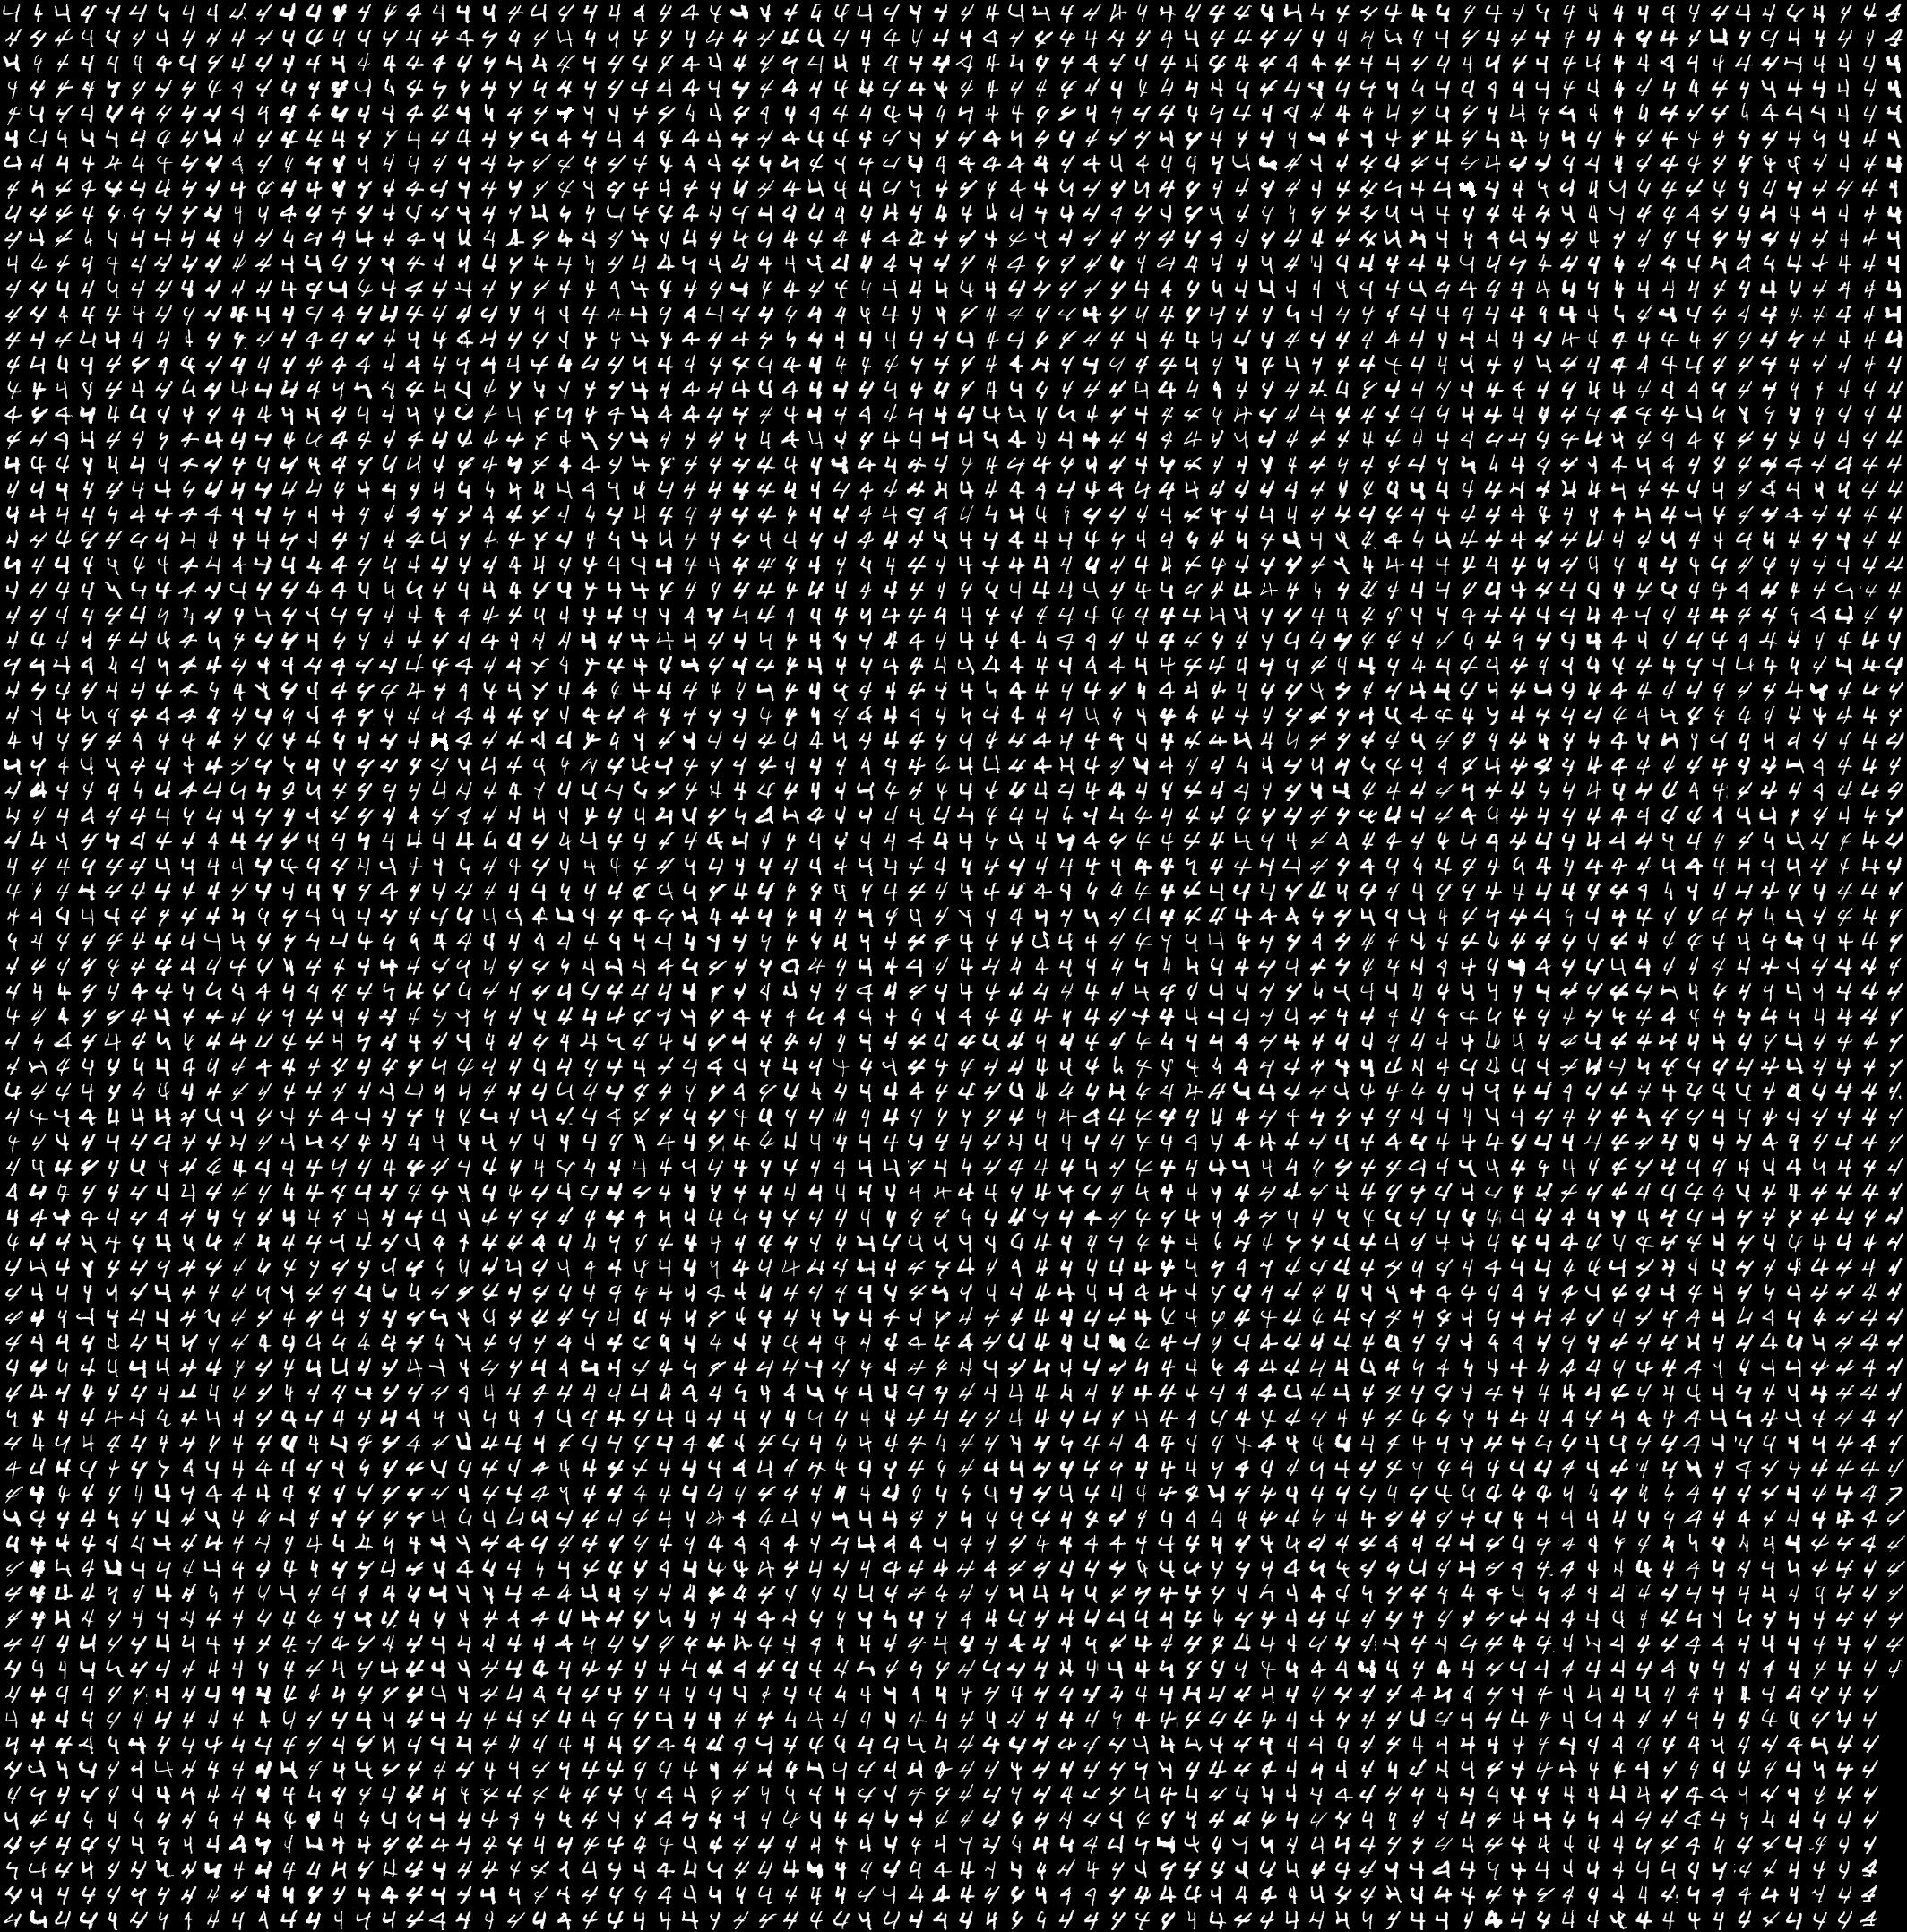 sam roweis : data